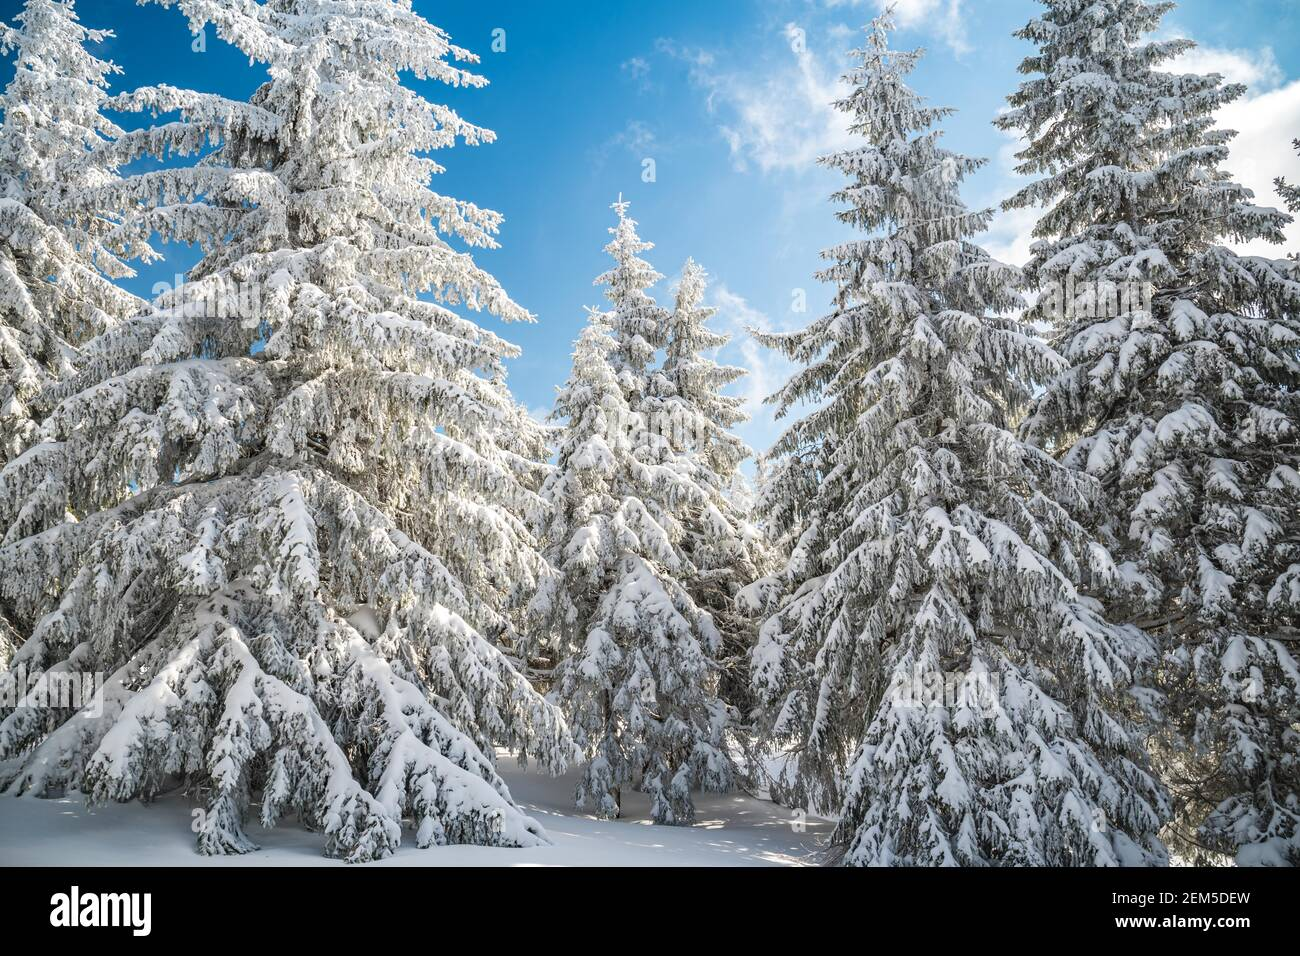 Majestätische weiße Fichten, die durch Sonnenlicht glühenden Bäume vor dunkelblauem Himmel. Wunderschöne Winterszene. Lage Ort Tschechien, Krkonose. Stockfoto